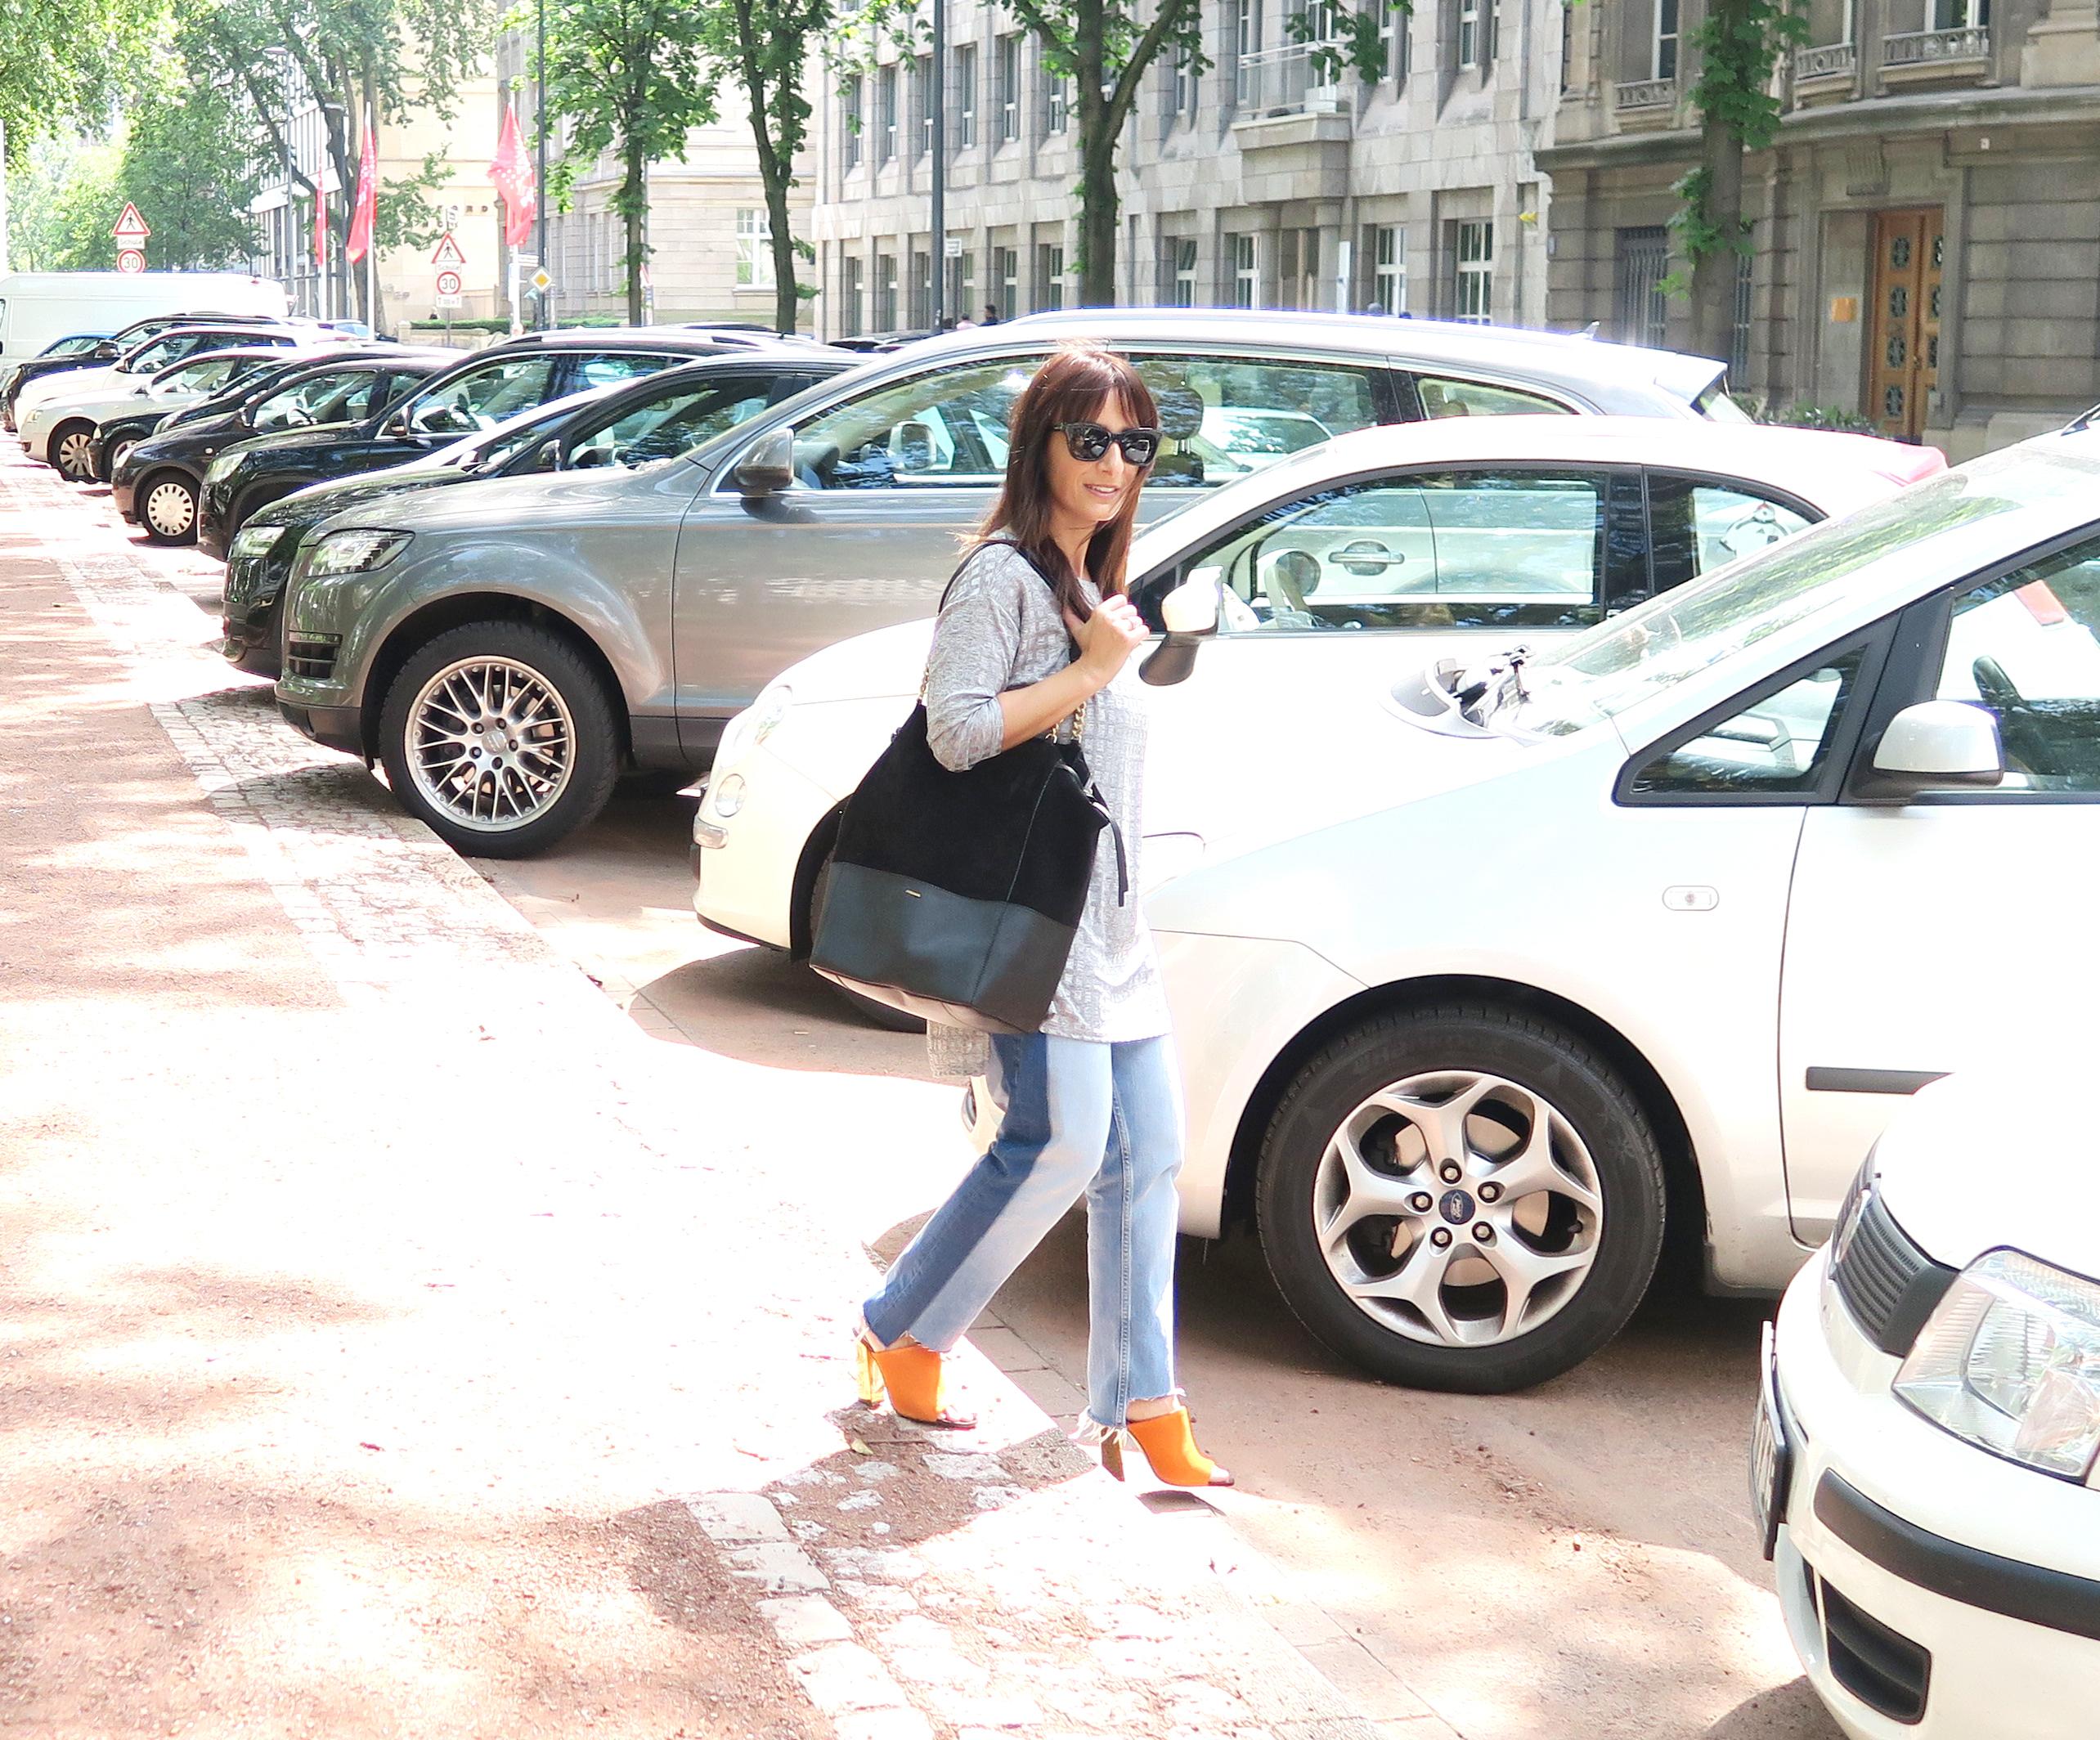 Streetstyle-düsseldorf-paris-blogger-fashionweek-mode-style-mules-trend-modesalat-9